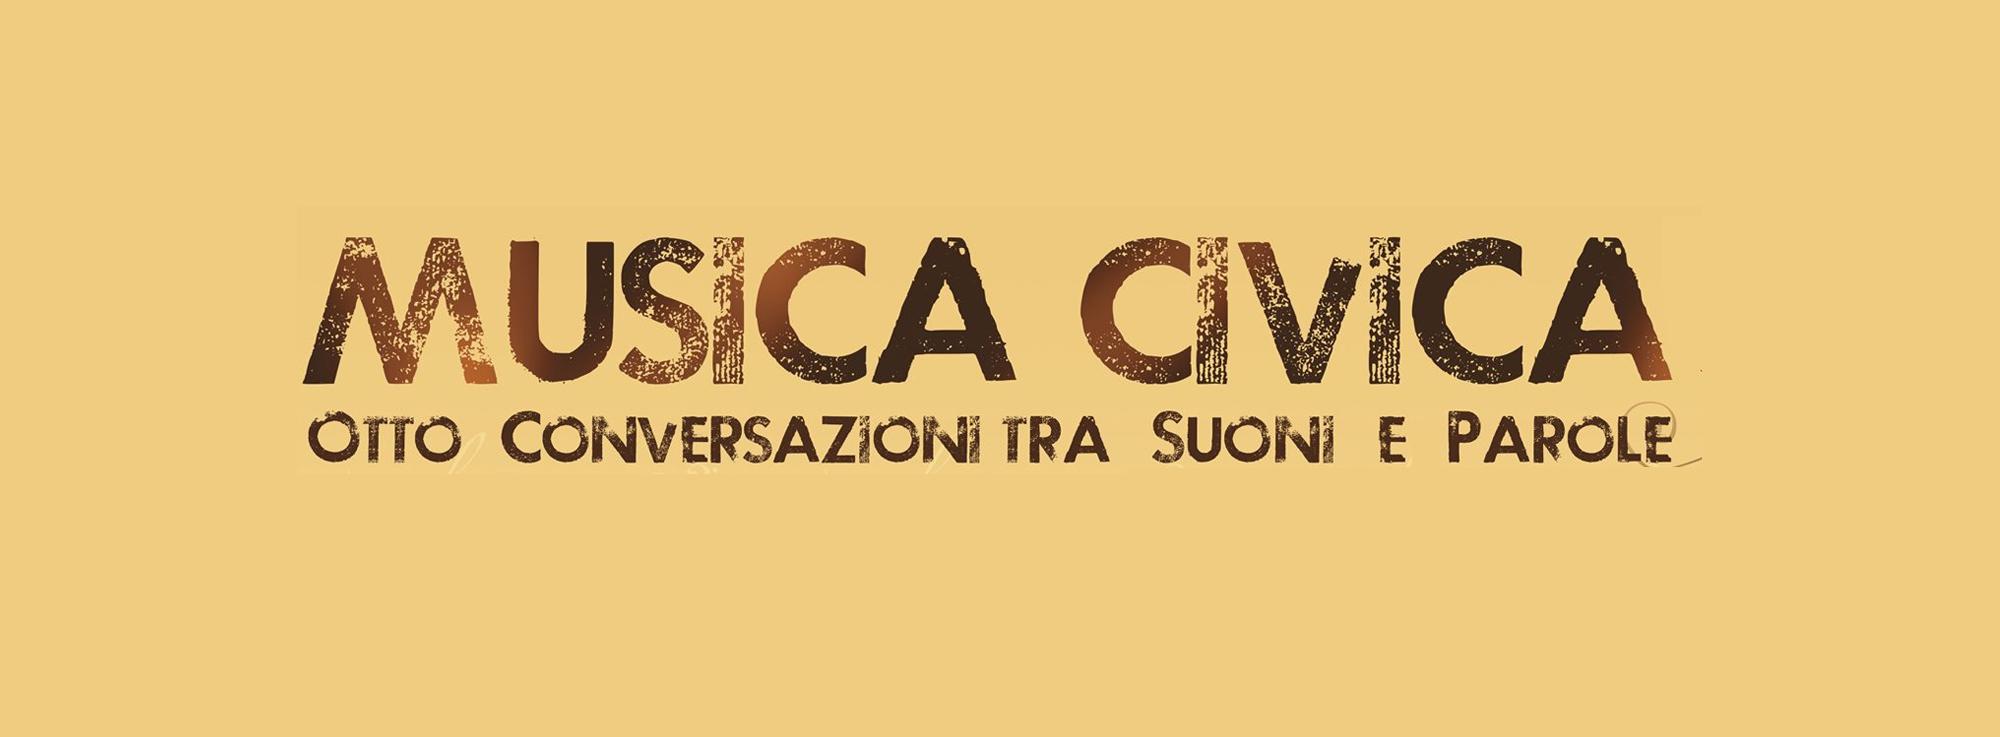 Foggia: Musica Civica – Conversazioni tra suoni e parole